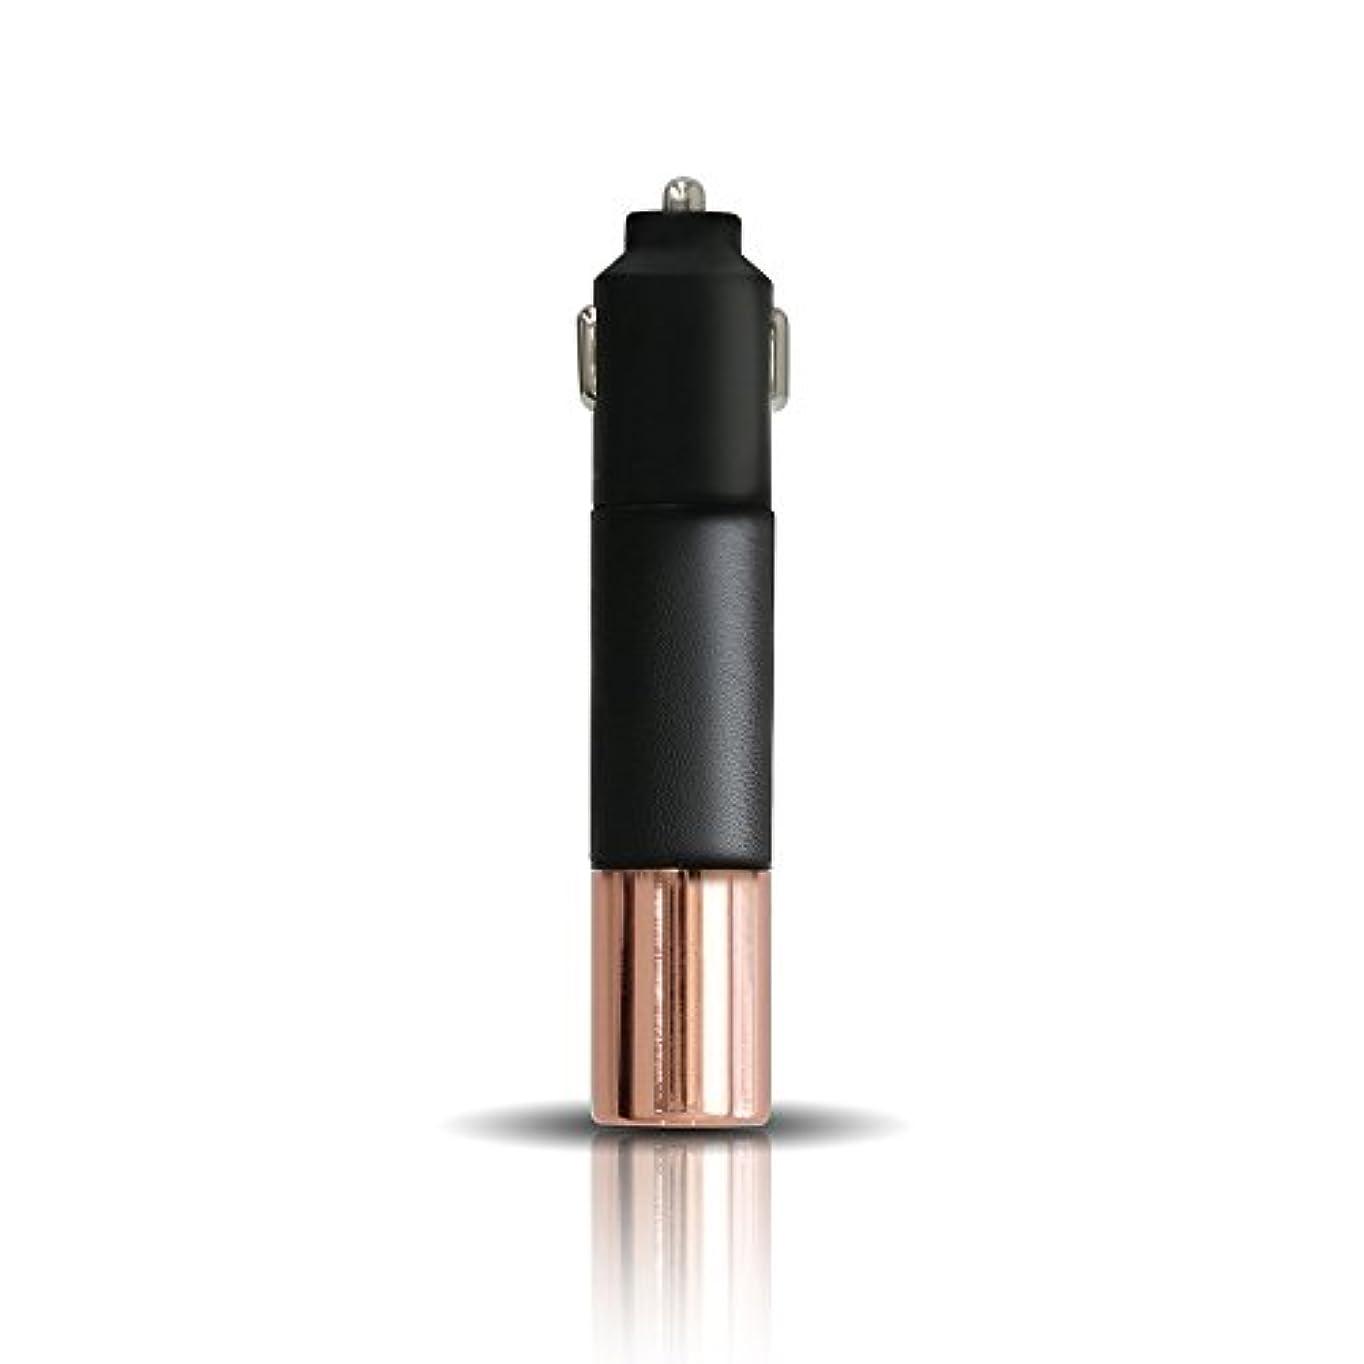 専門知識子孫グリーンバックPRISMATE(プリズメイト) Driving Aroma Diffuser Leather and Metal PR-AD02C (BK(ブラック))